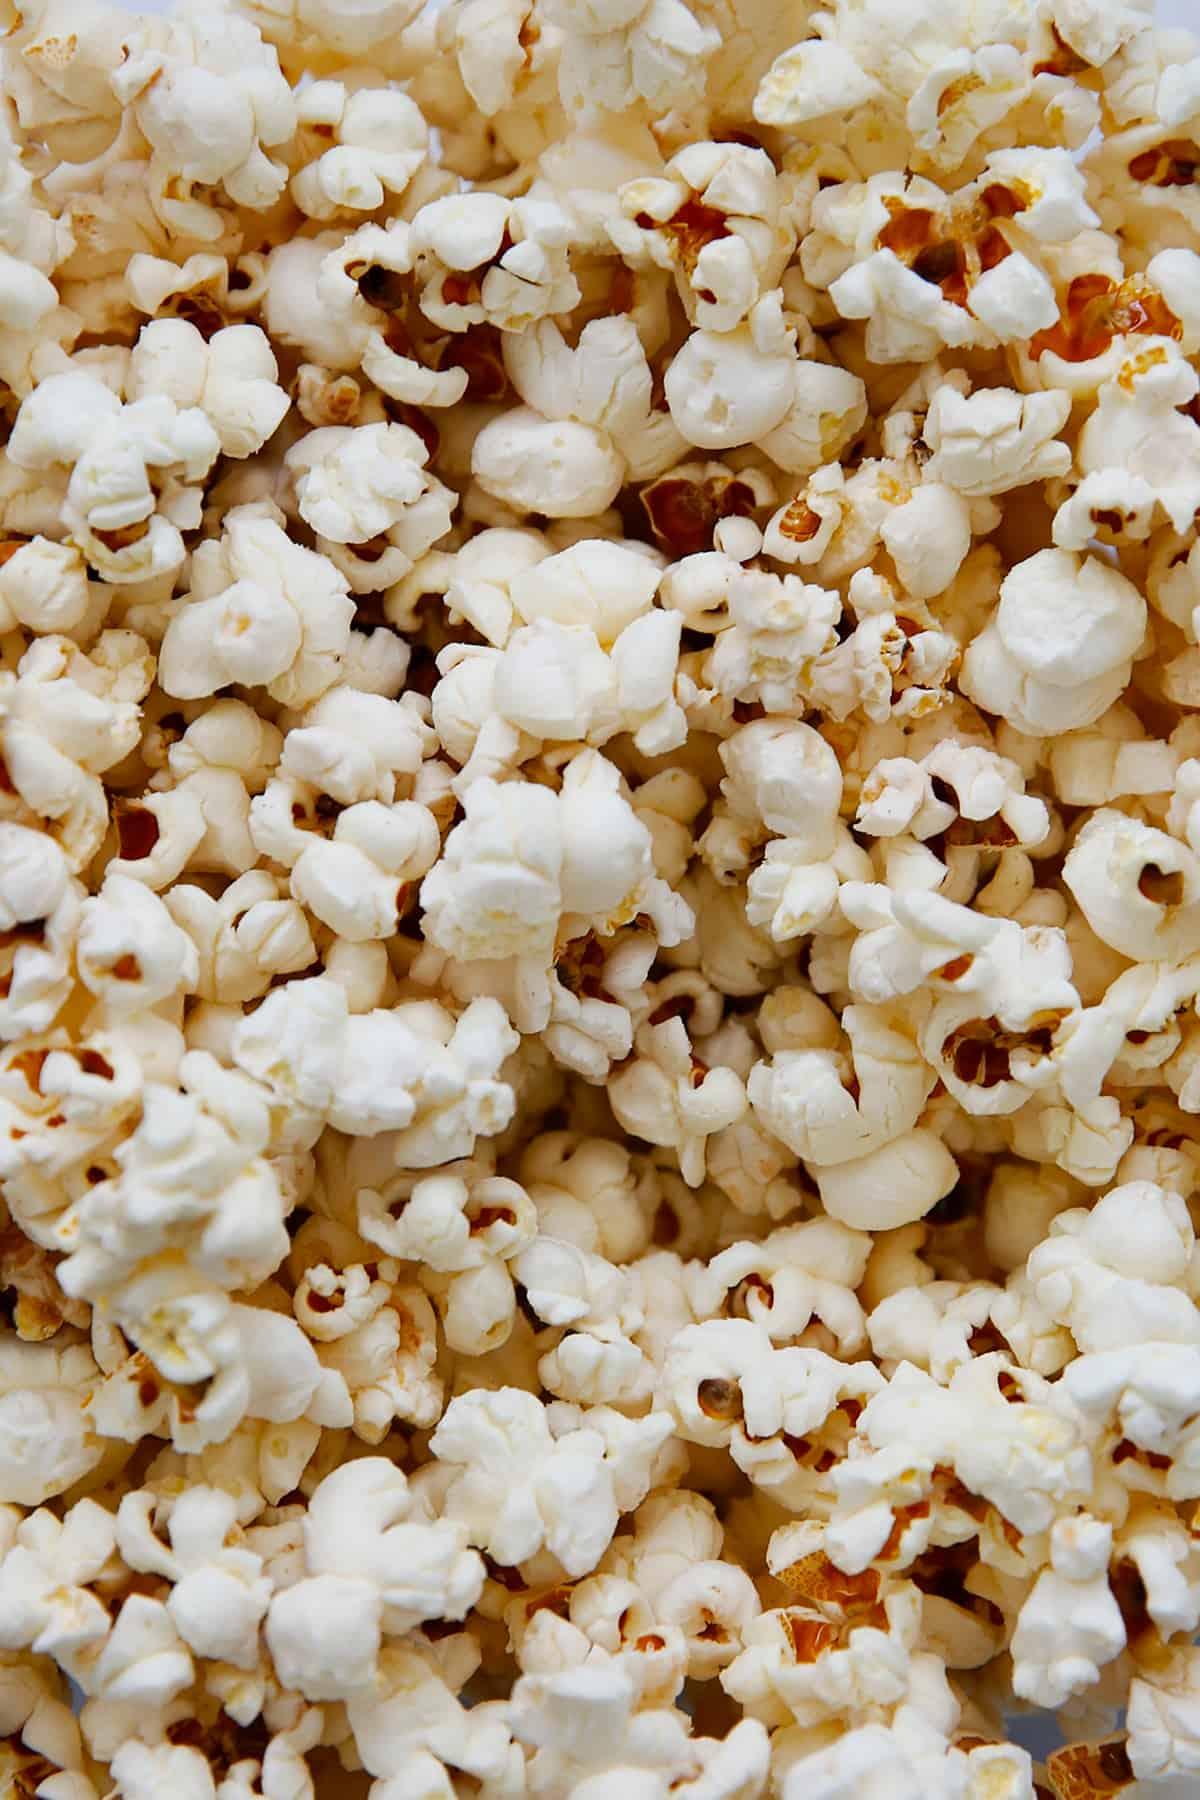 How do you make popcorn